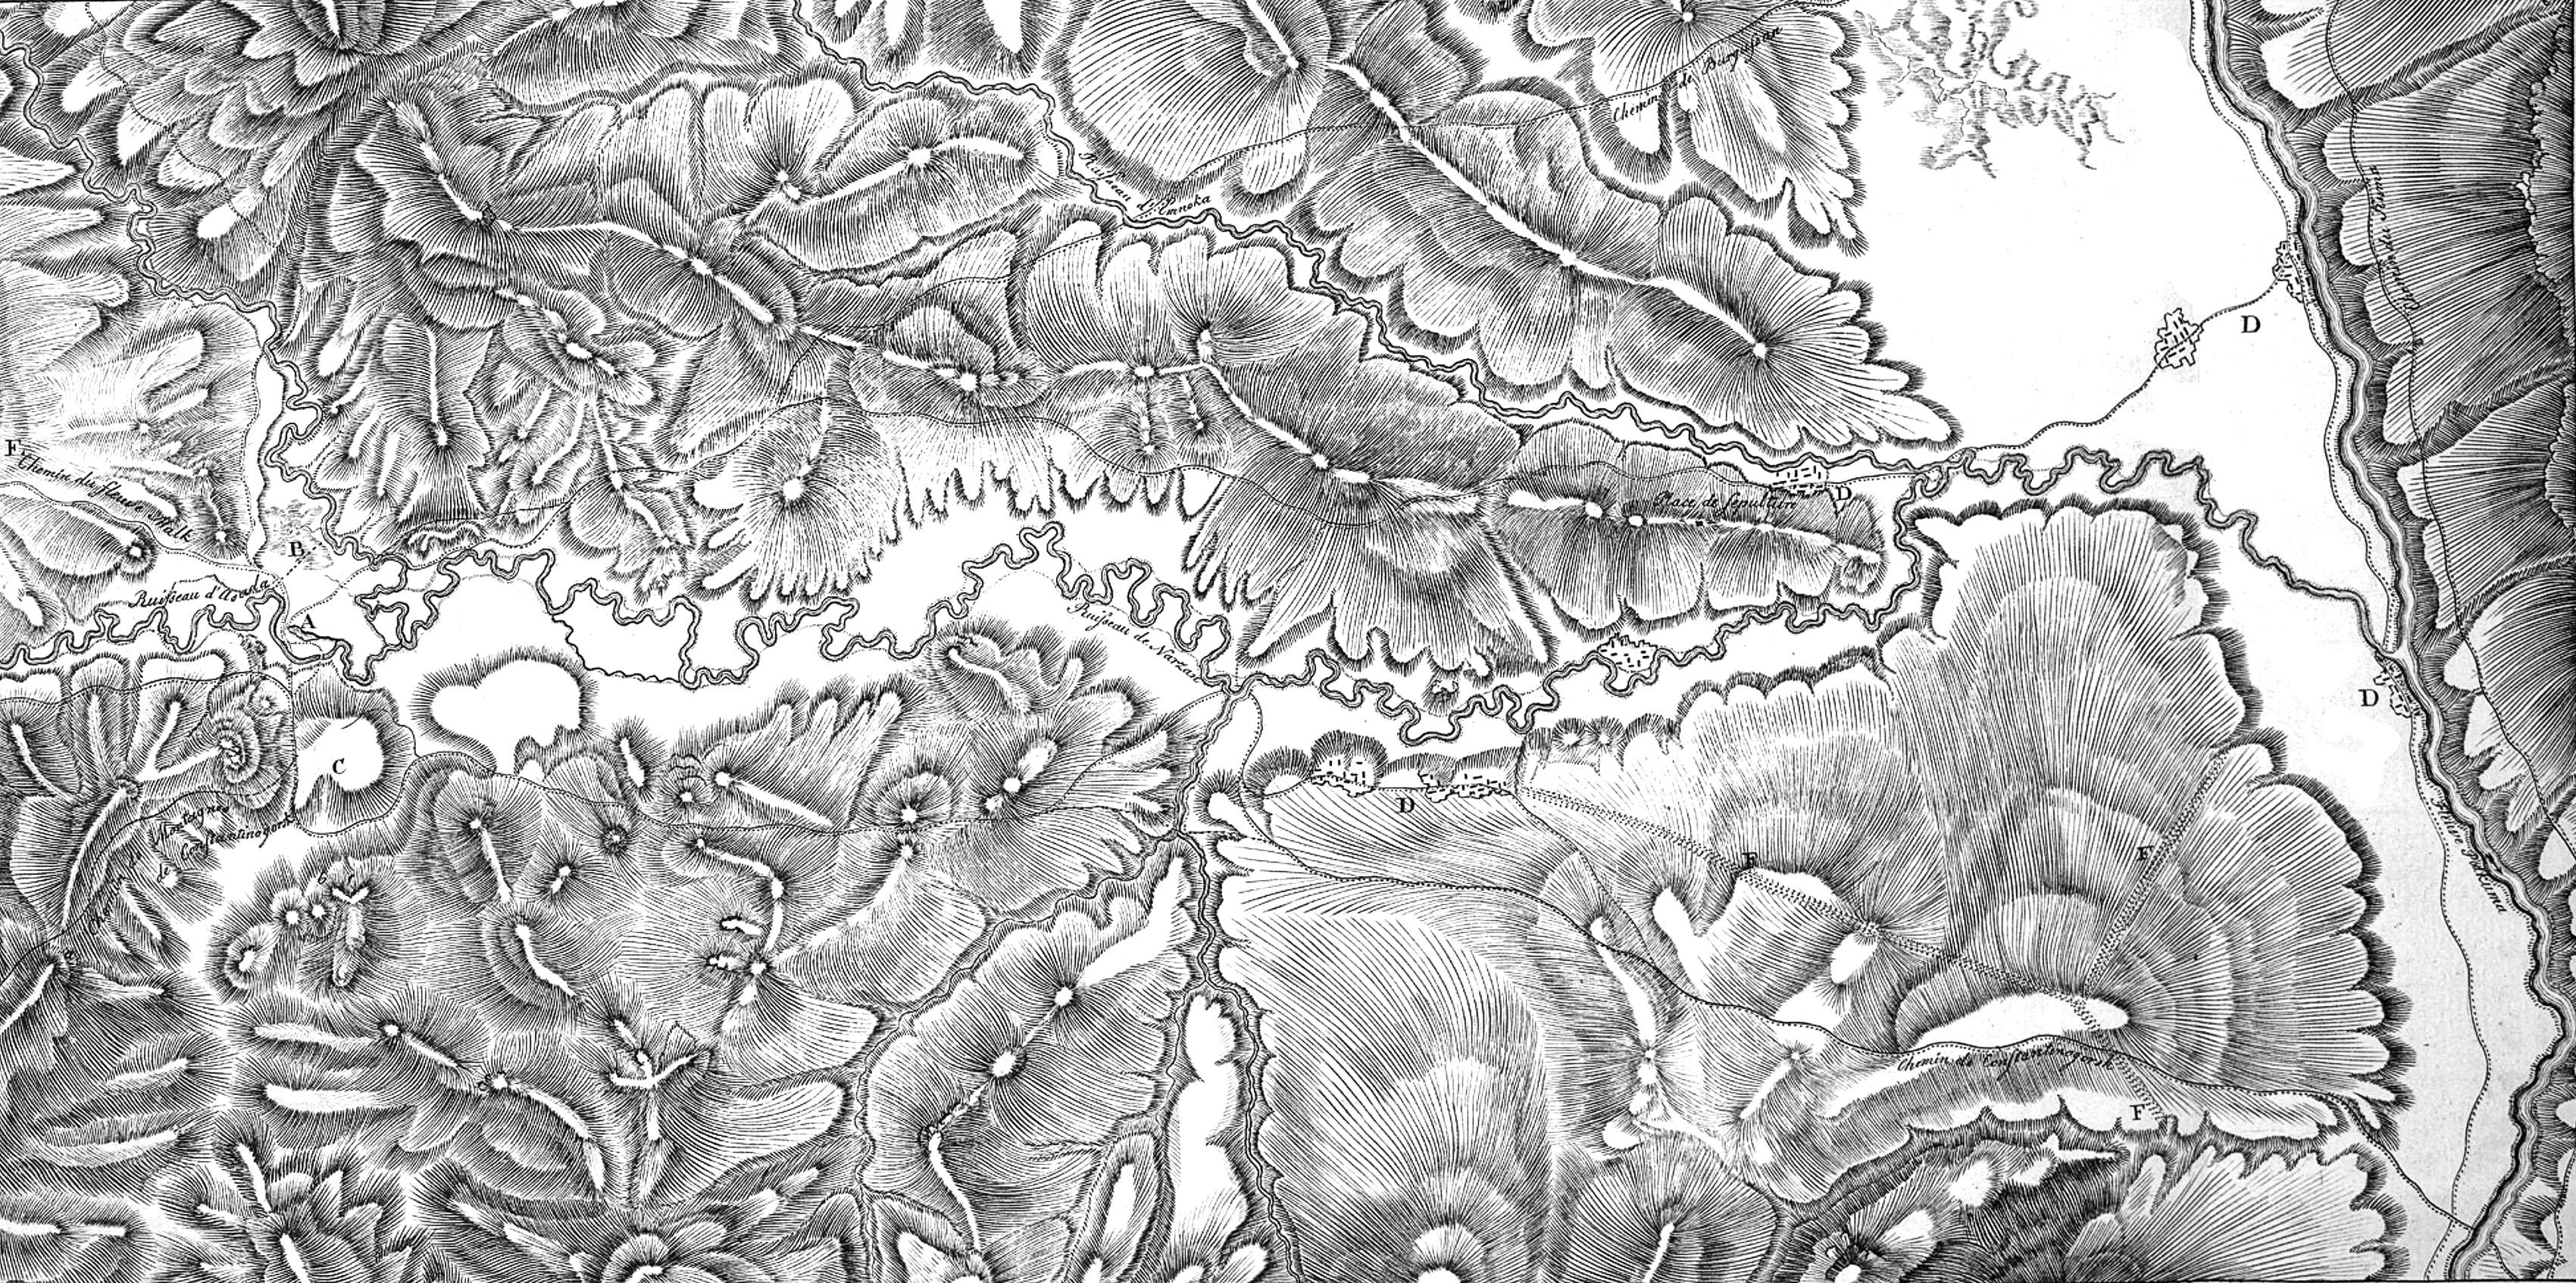 16. План и карта минеральных источников — будущий курорт Кисловодск, ведущий свою историю с 1803 года — года строительства крепости возле минерального источника «Нарзан».